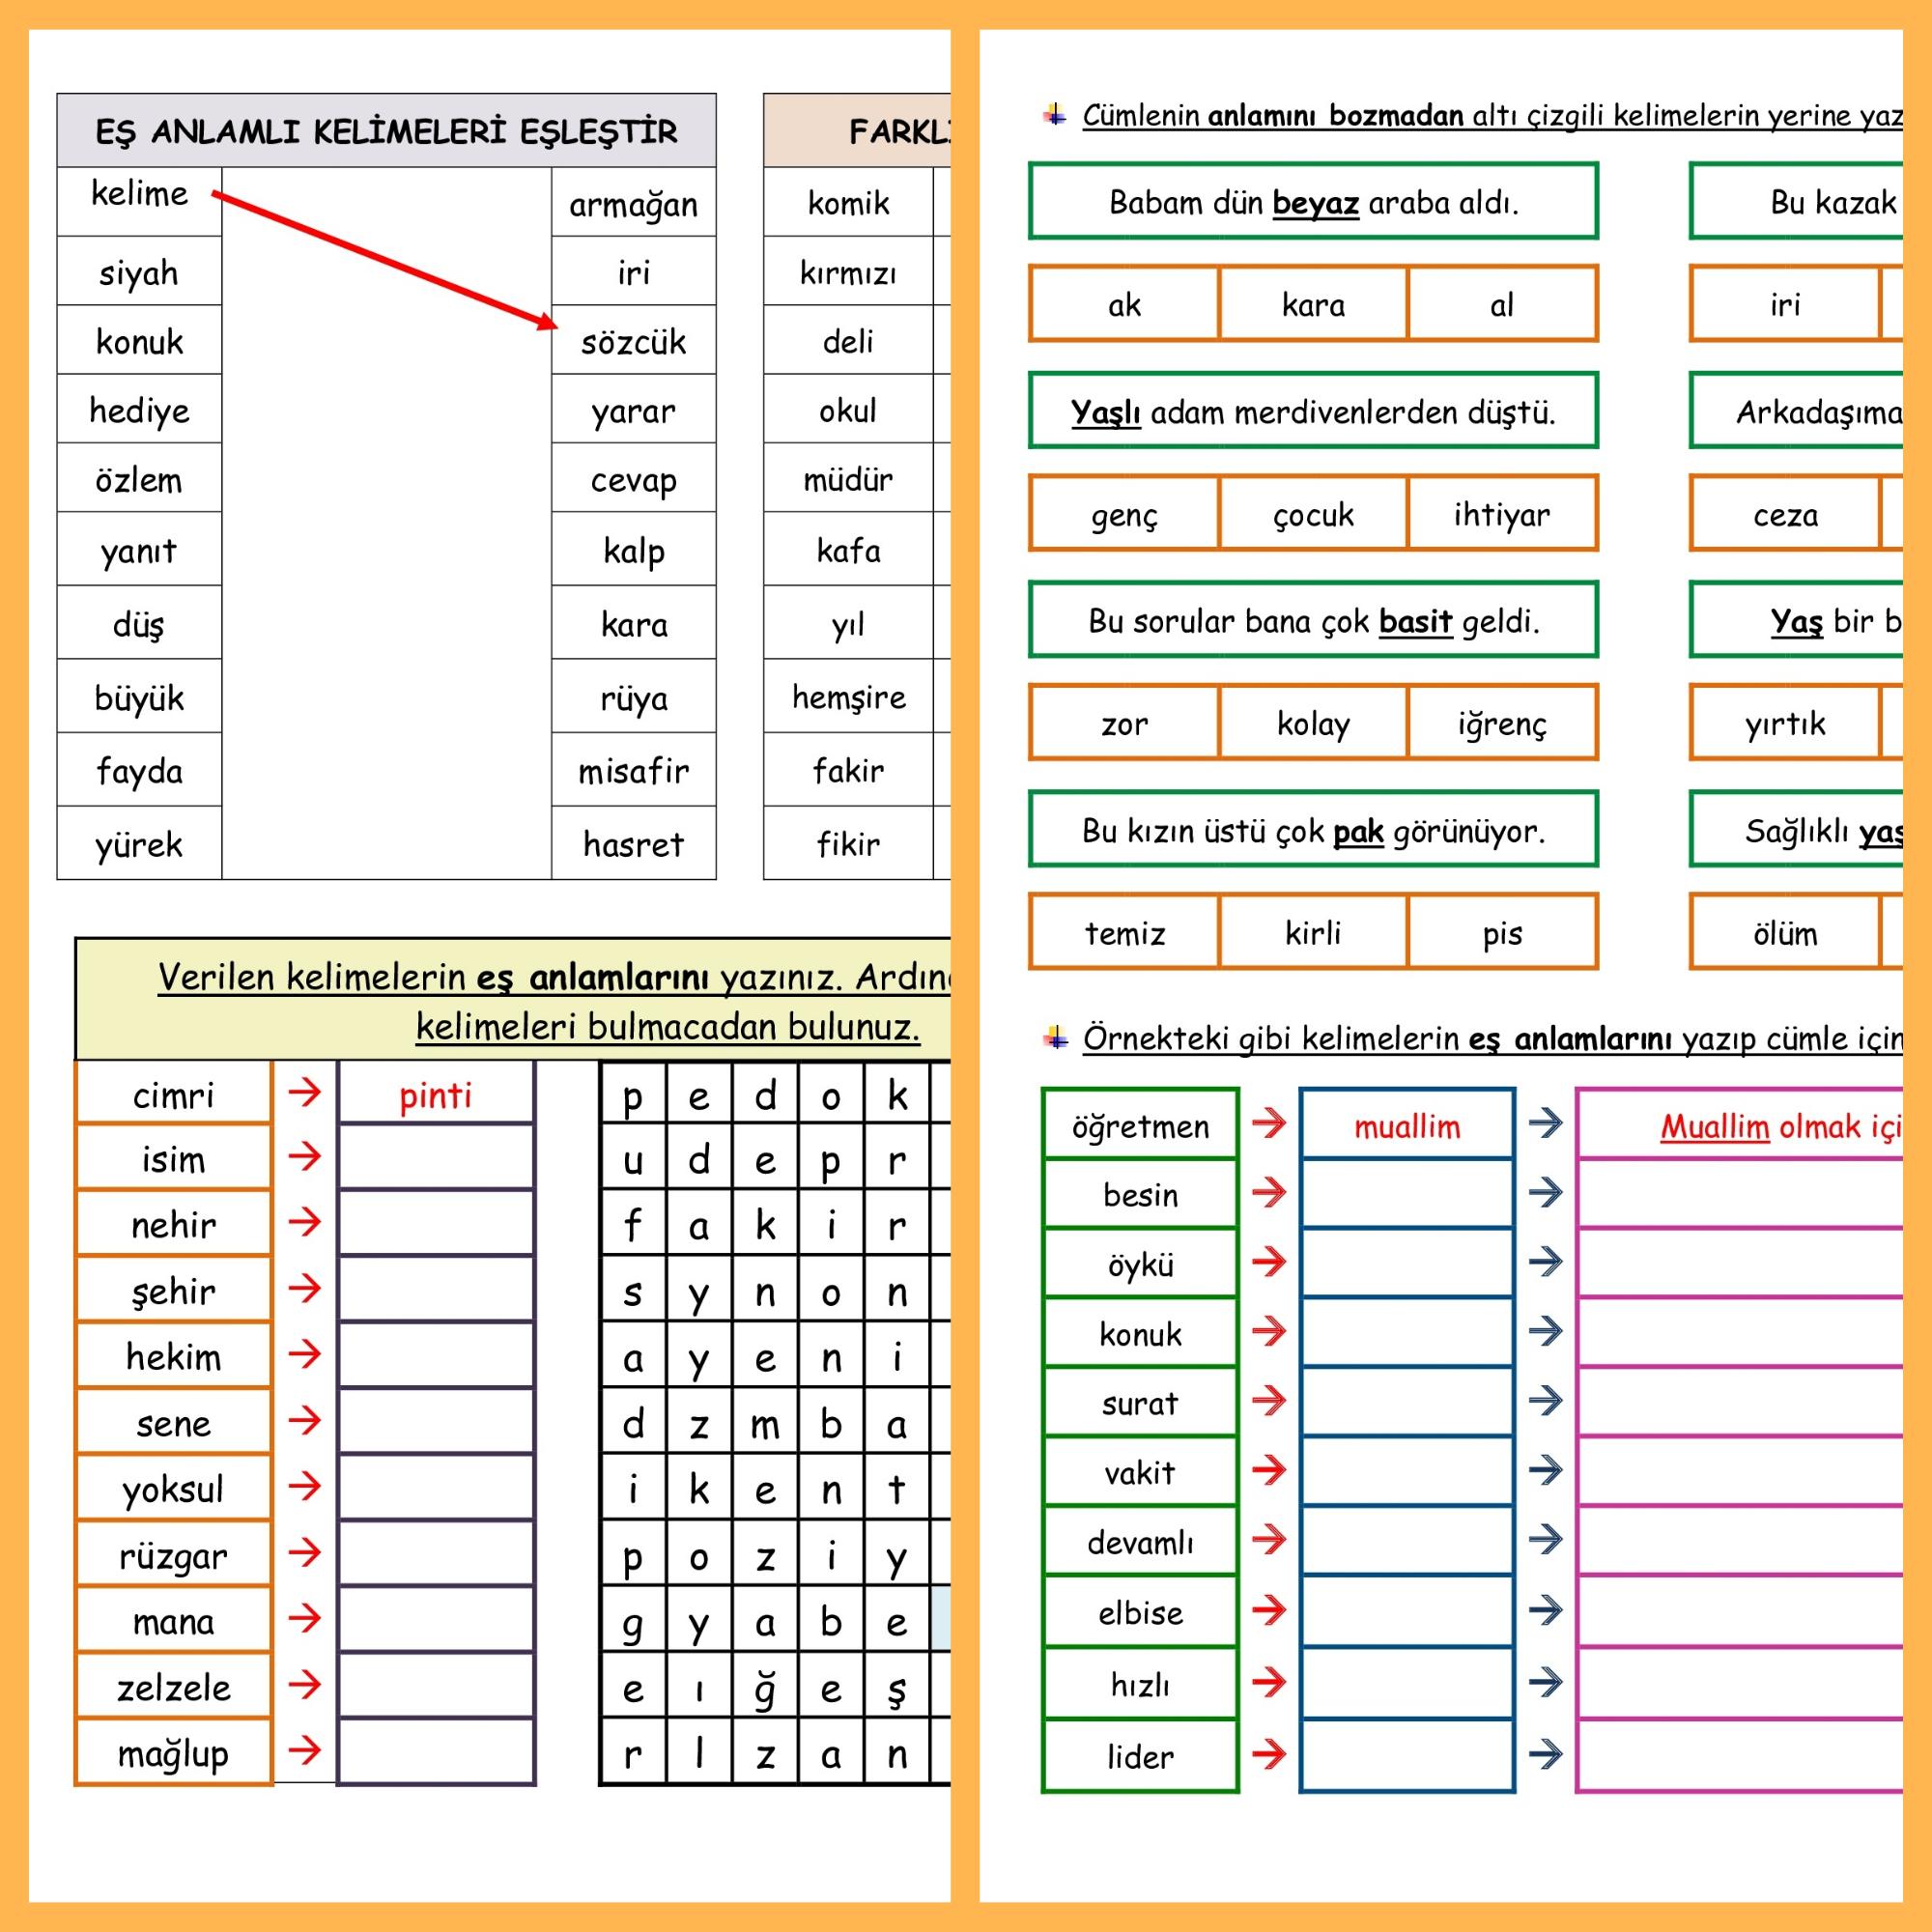 Eş Anlamlı Kelimeler Etkinliği (2 Sayfa)